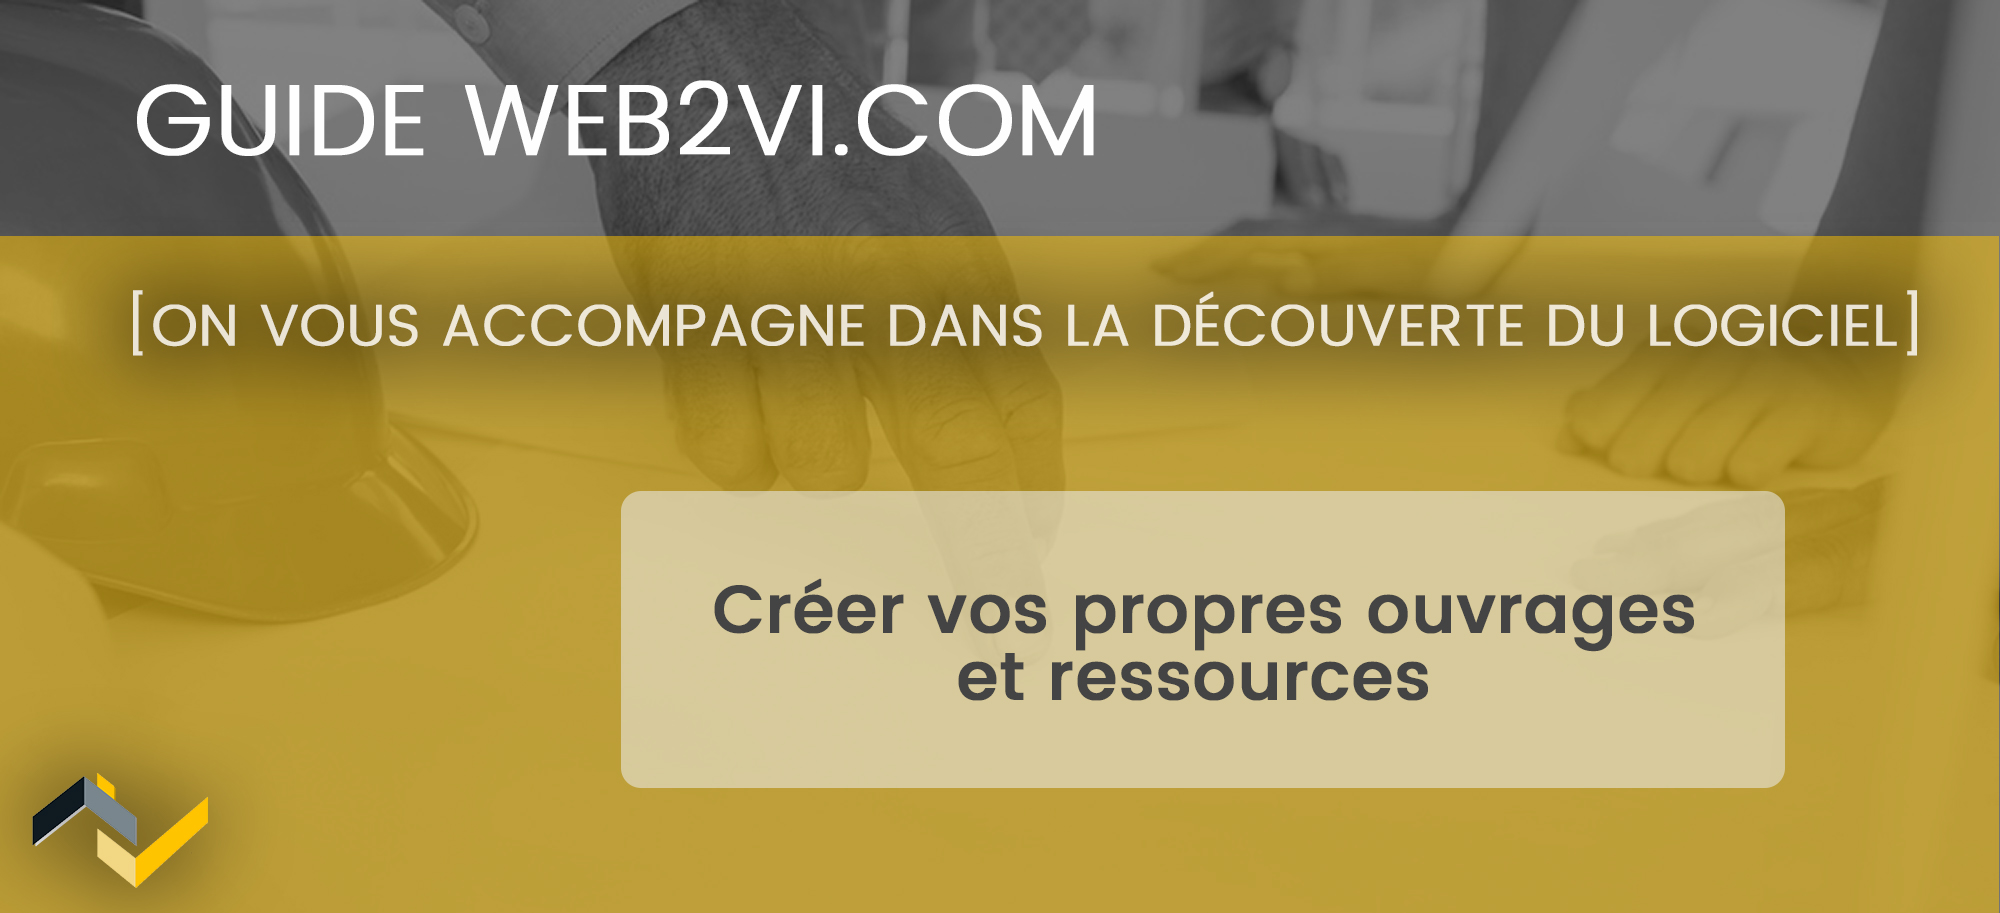 Créer des ouvrages ou des ressources privées sur Web2vi.com